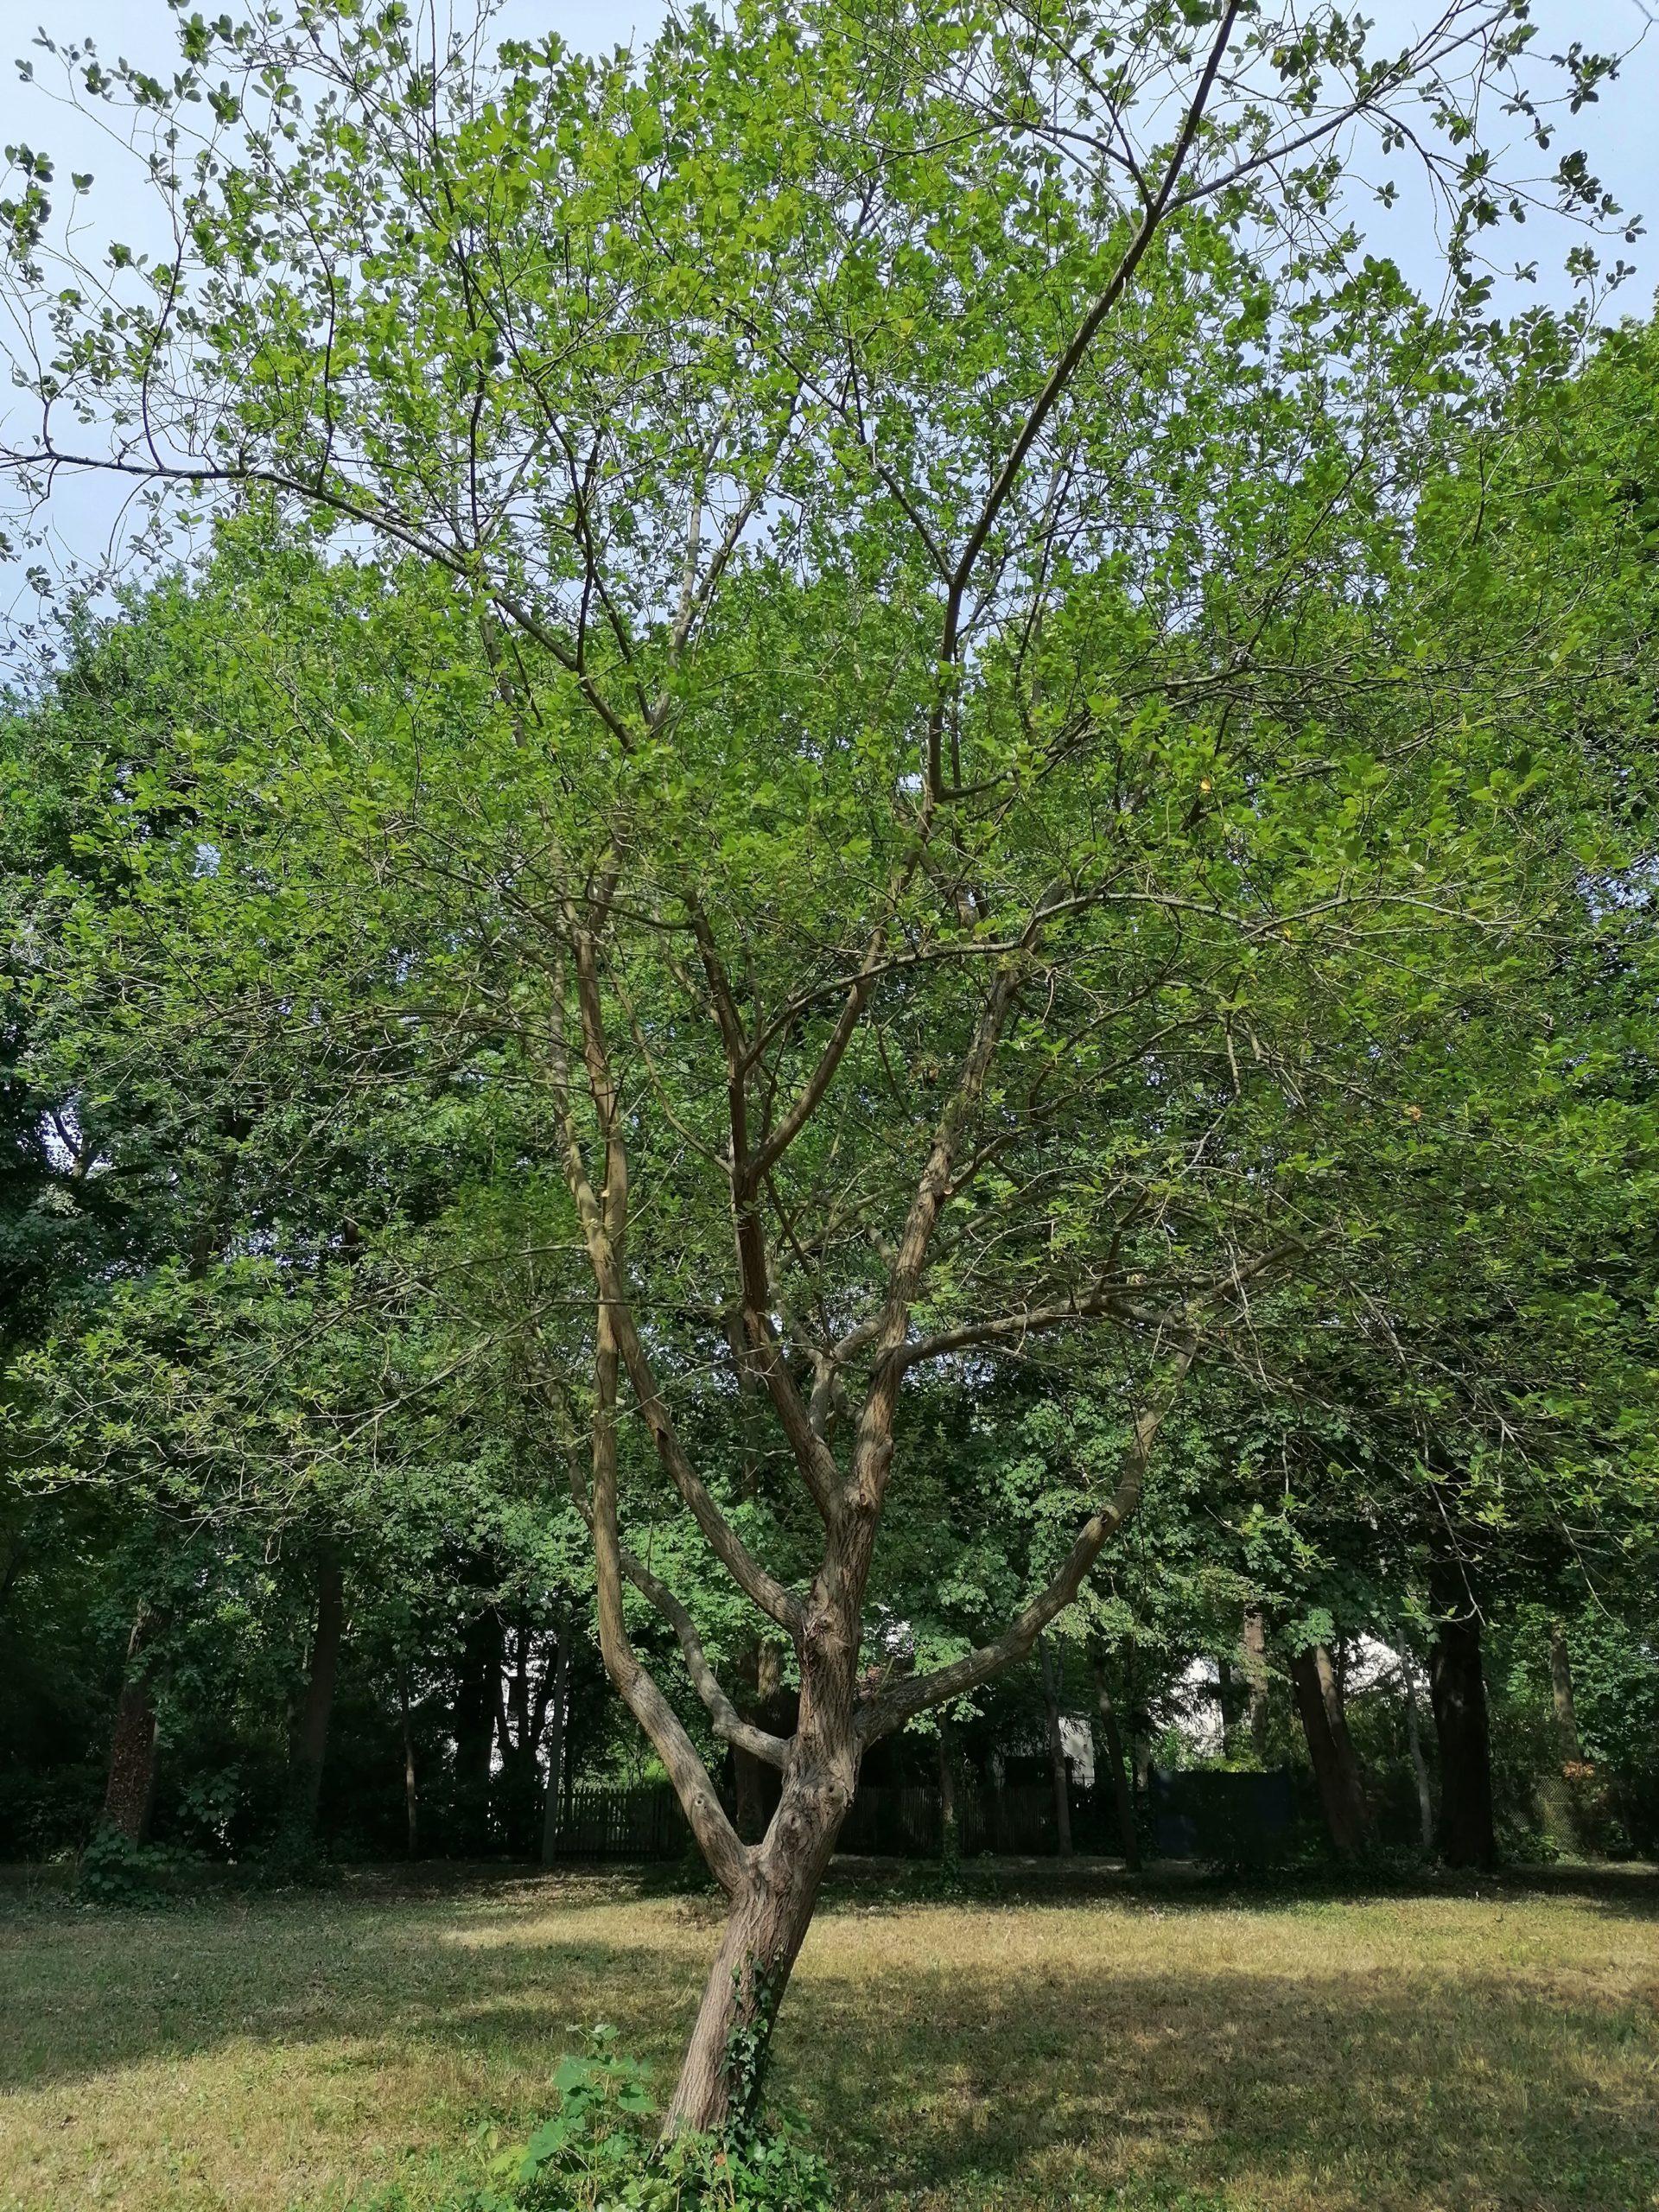 saule cendré - arbre